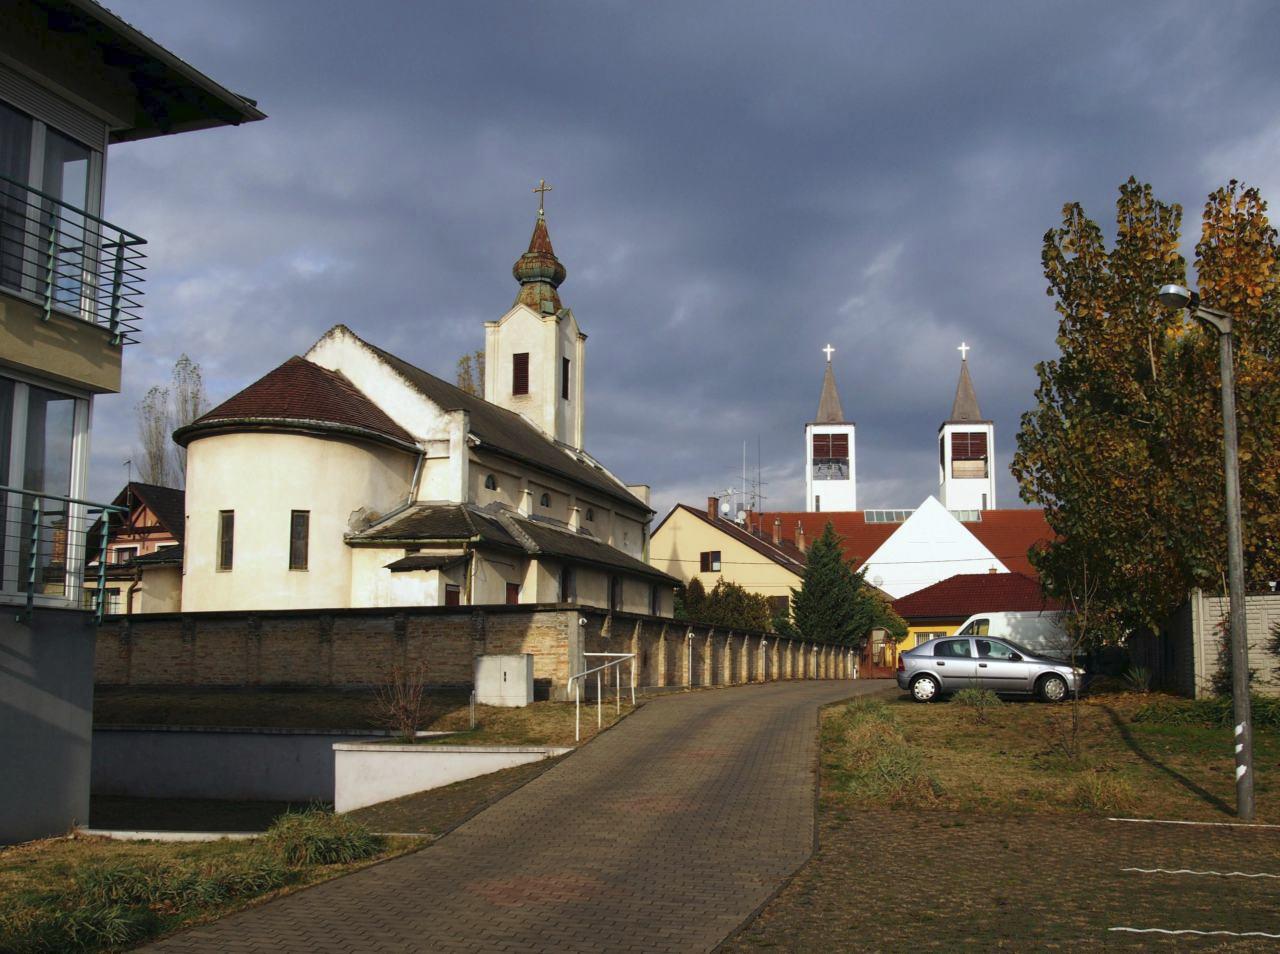 365/134 - Lakópark és templomtornyok